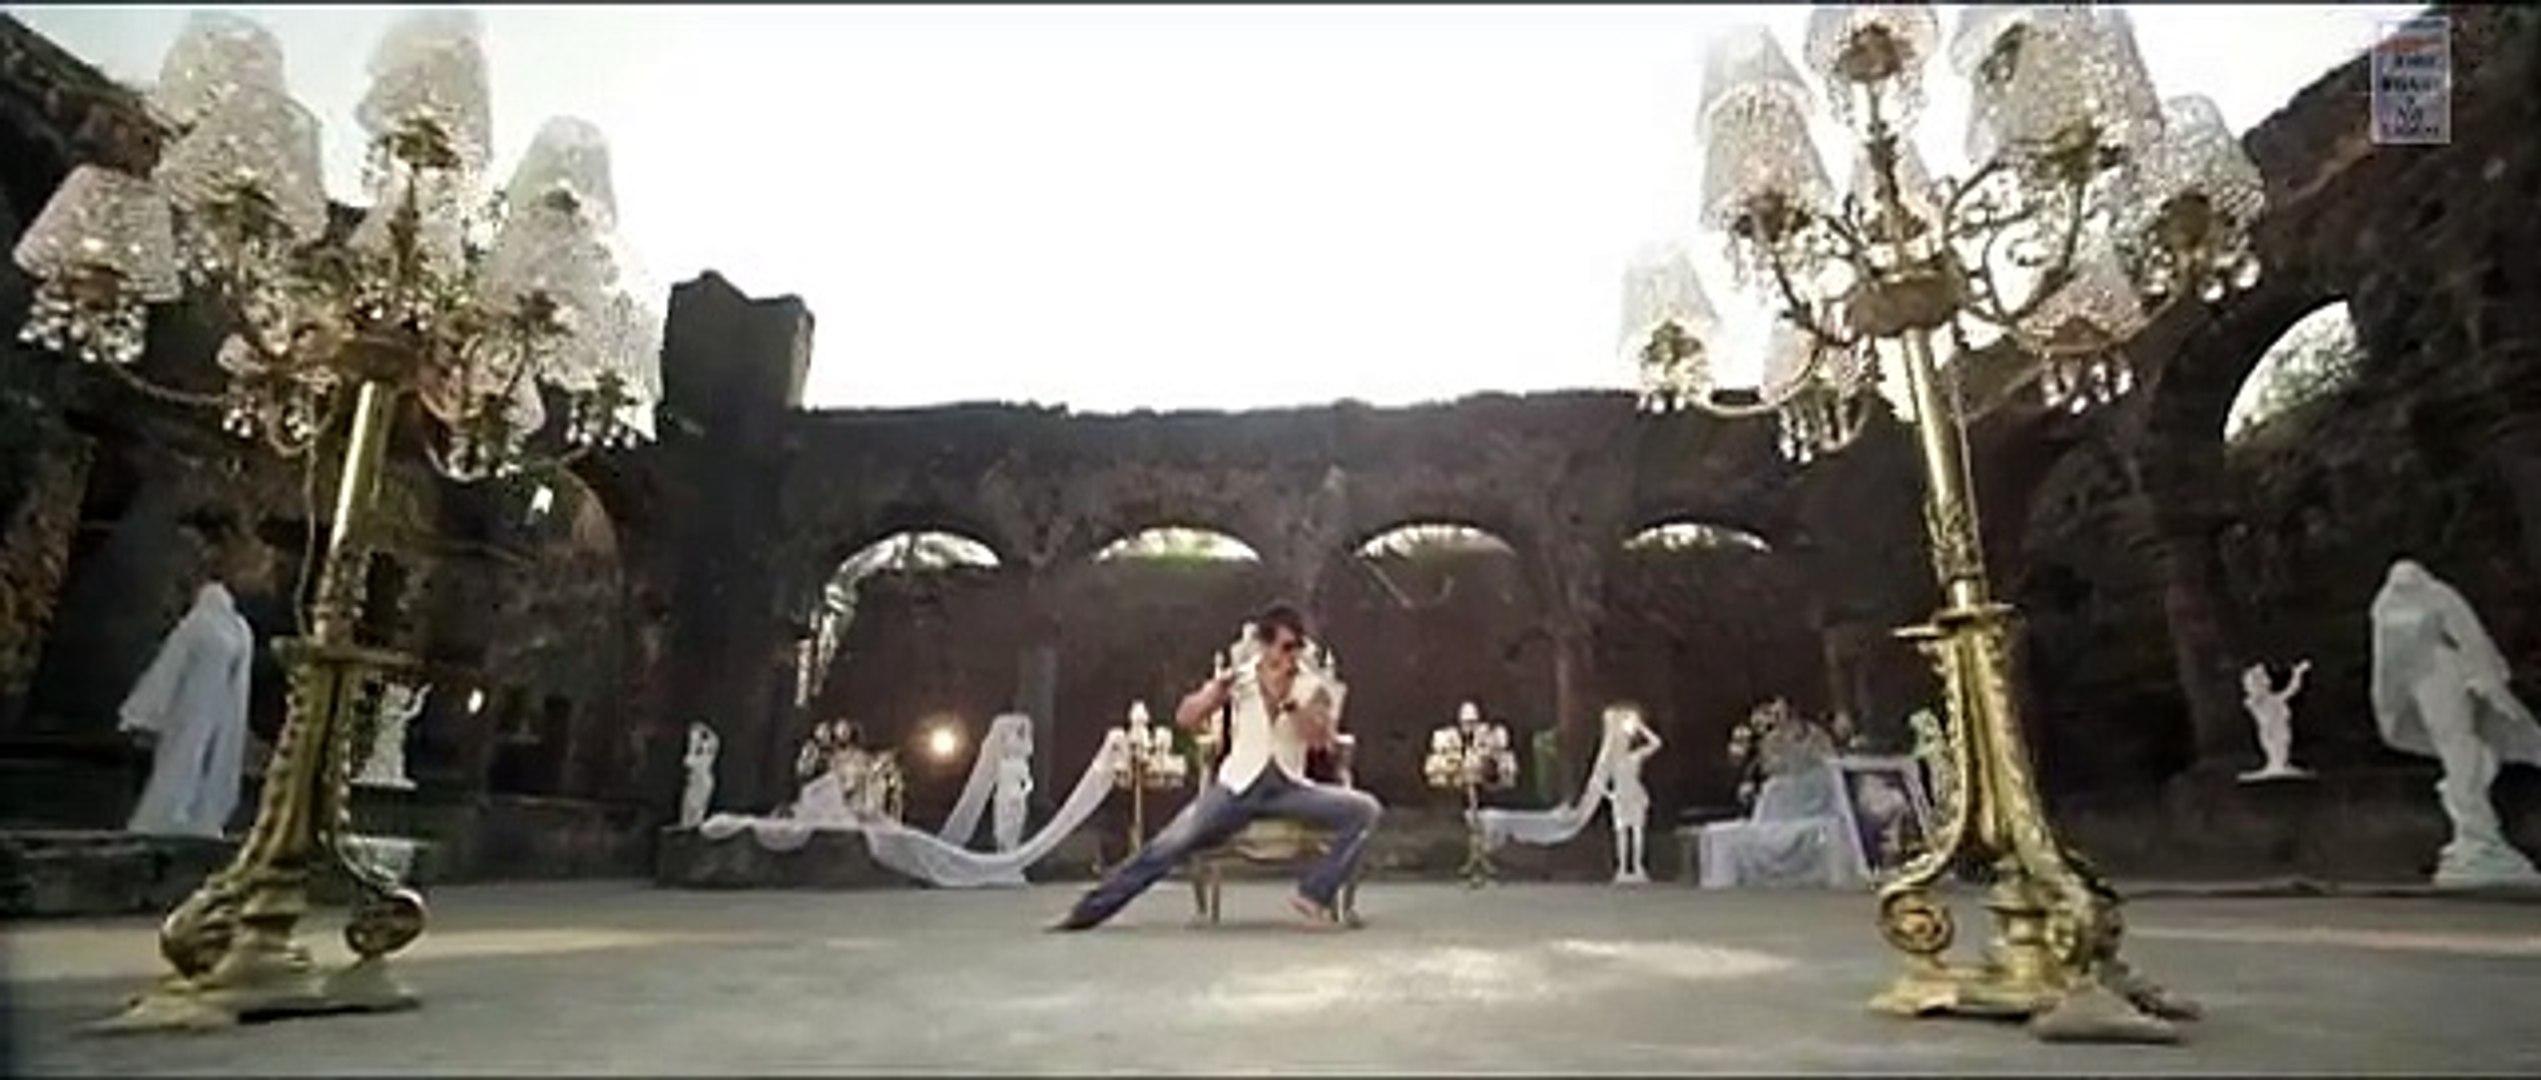 Whistle Baja (Full Video) Heropanti ft. Tiger shroff & kriti sanon - Manj & Nindy Kaur Feat